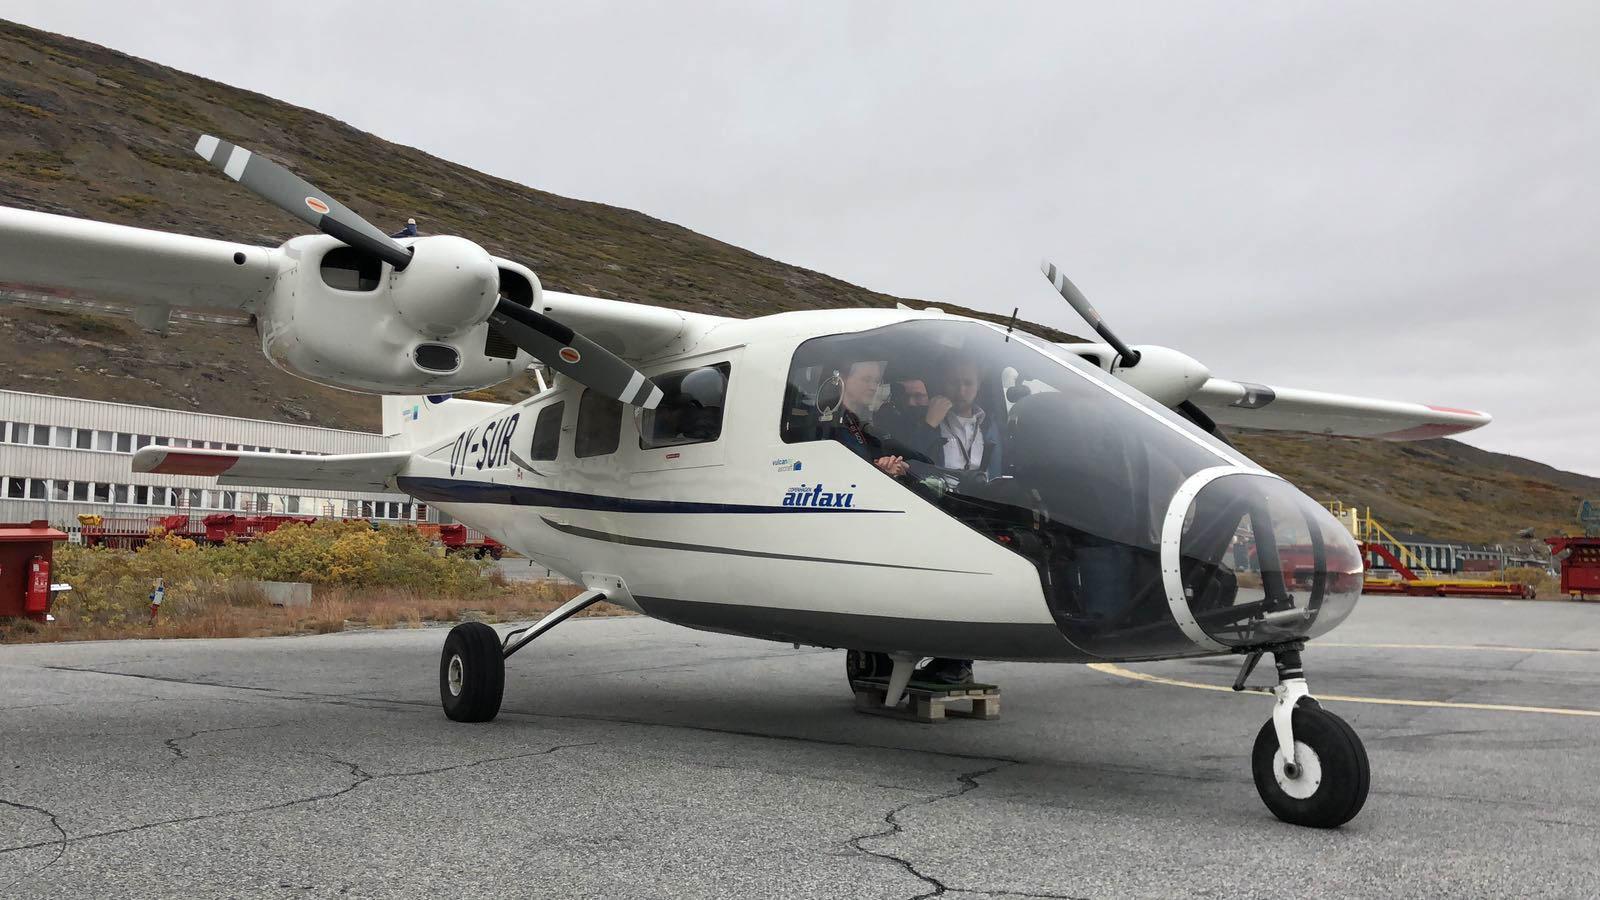 Flugzeug, Kangerlussuaq, Grönland